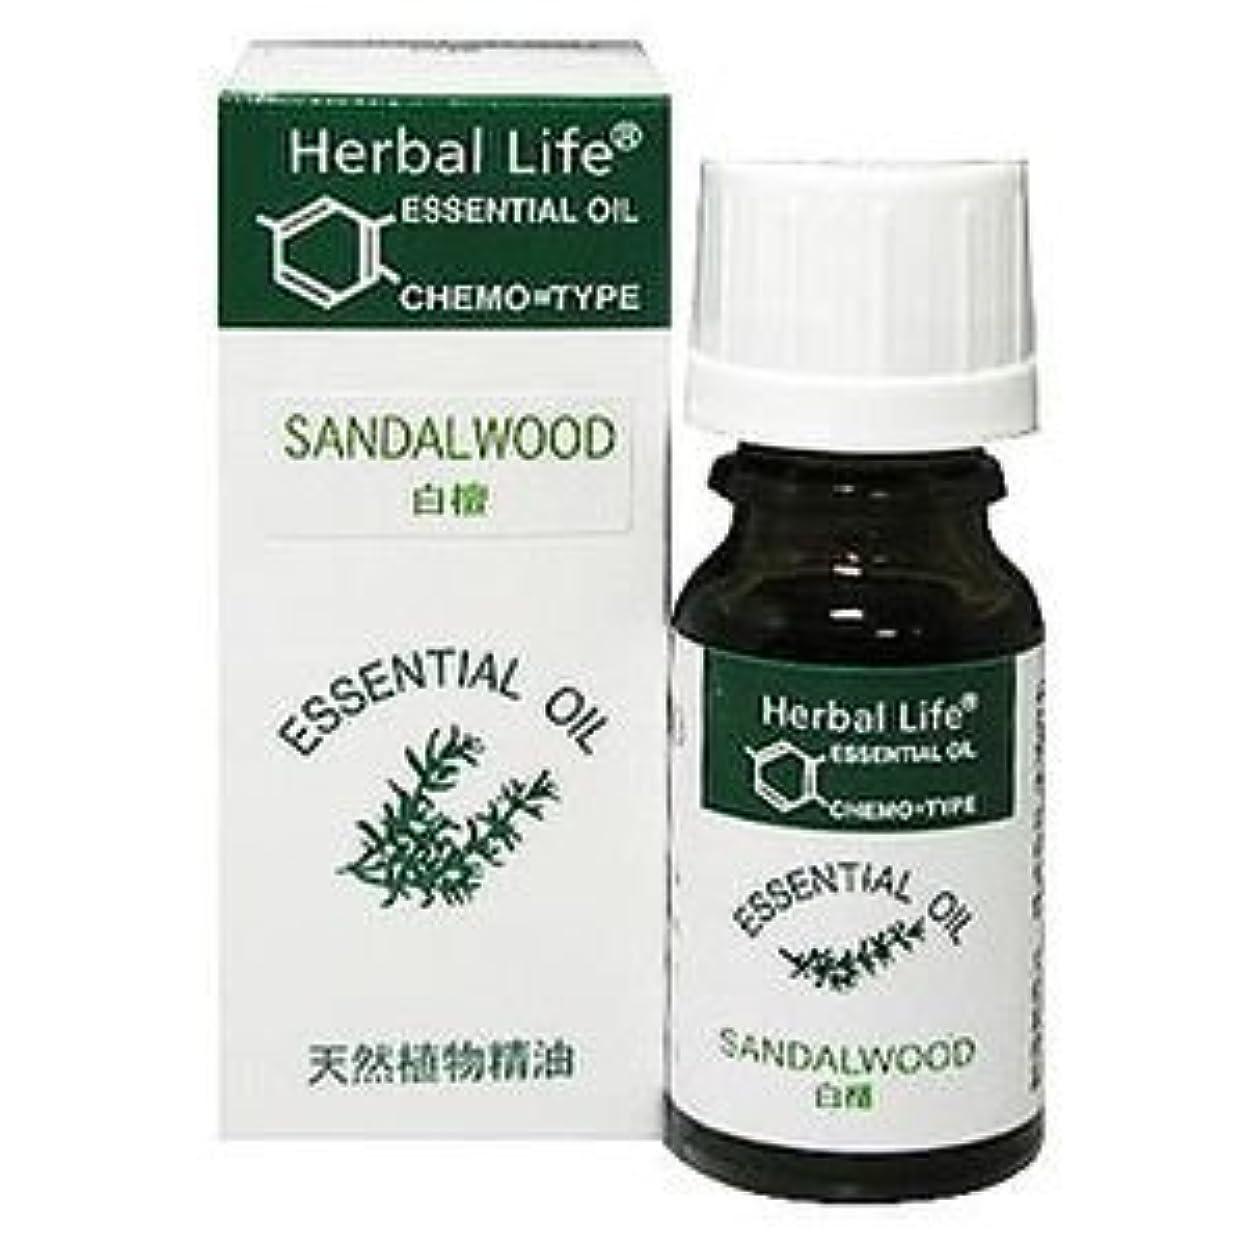 クルーズわざわざ救出Herbal Life サンダルウッド 10ml